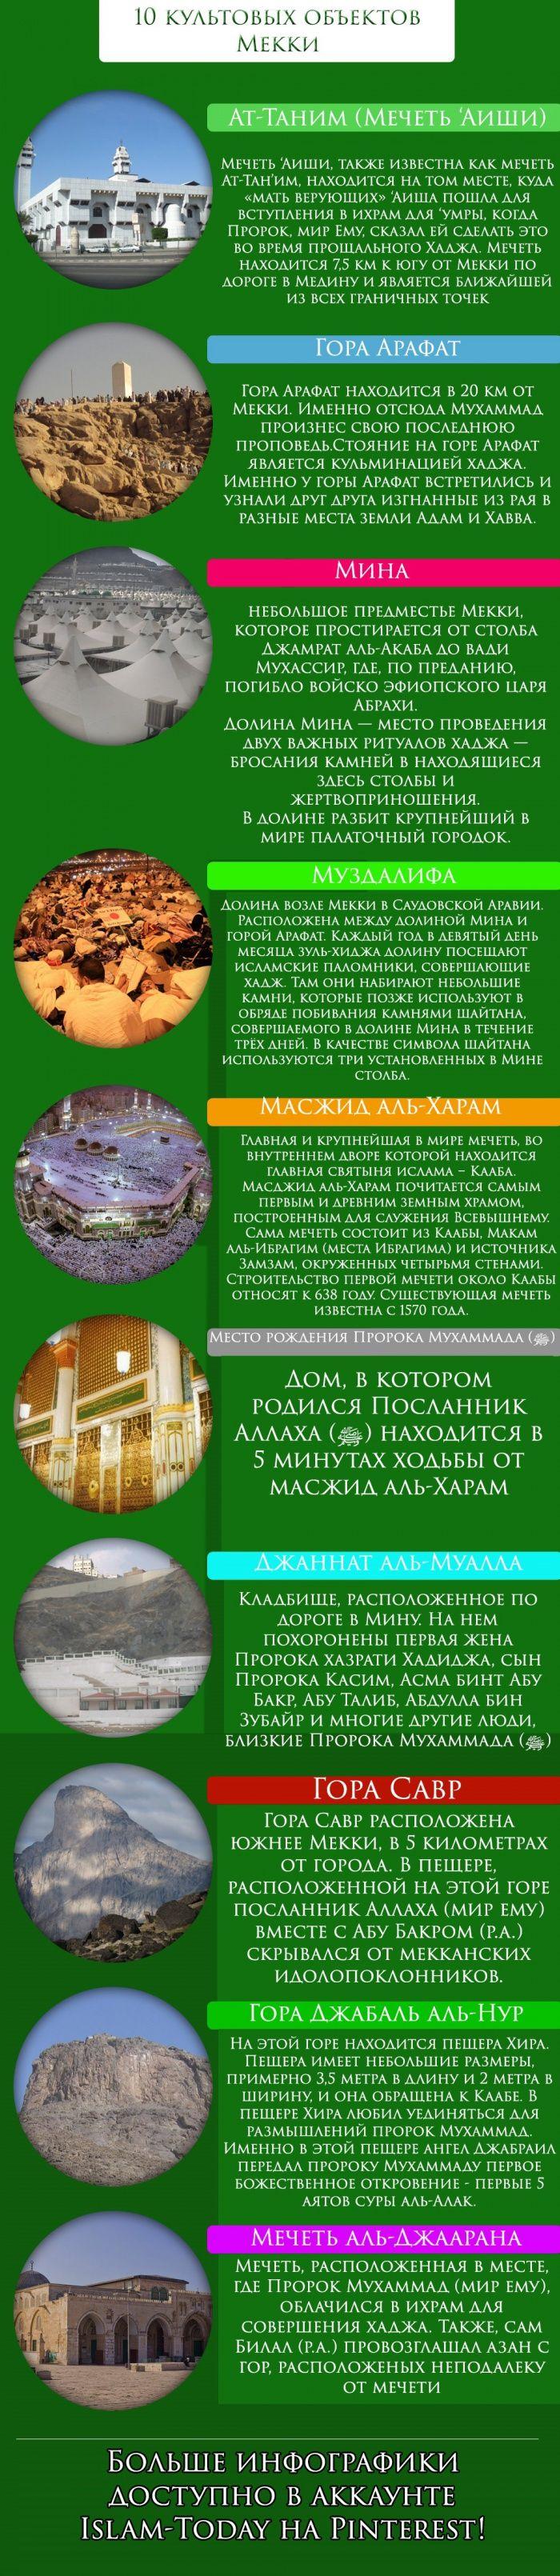 ИНФОГРАФИКА: 10 культовых мест Мекки